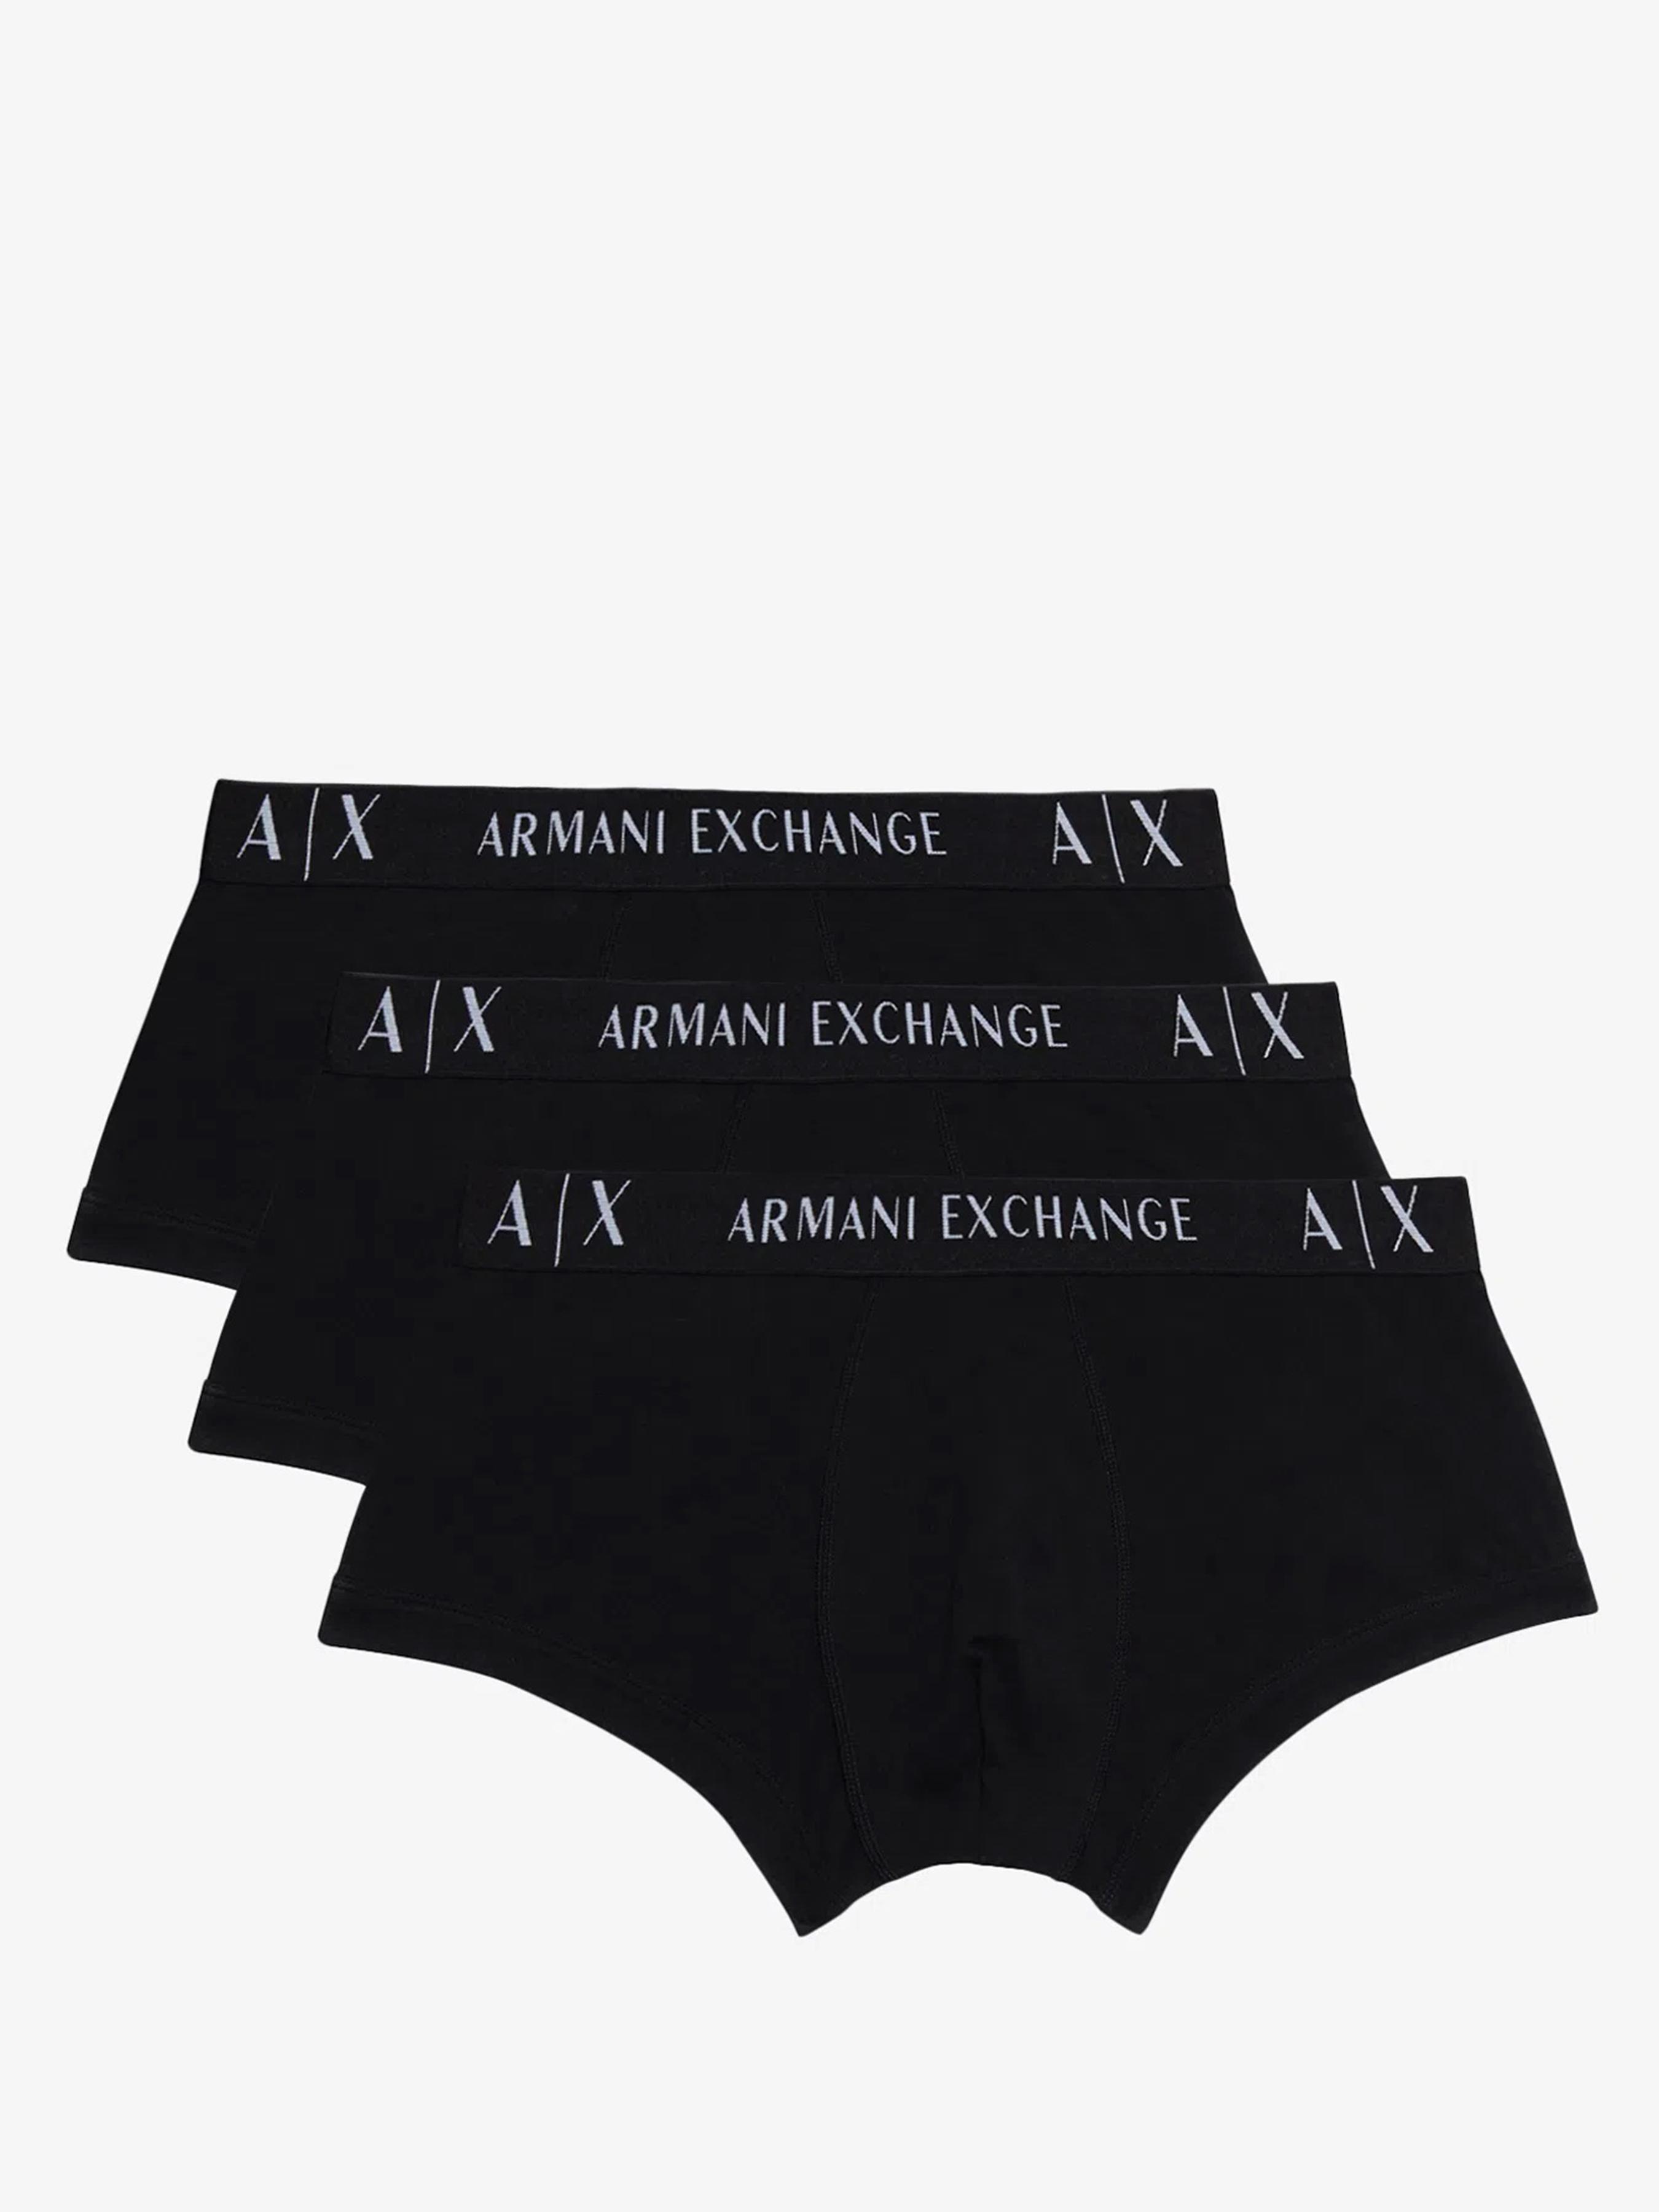 Нижнее белье мужские Armani Exchange модель 956000-CC282-50020 отзывы, 2017